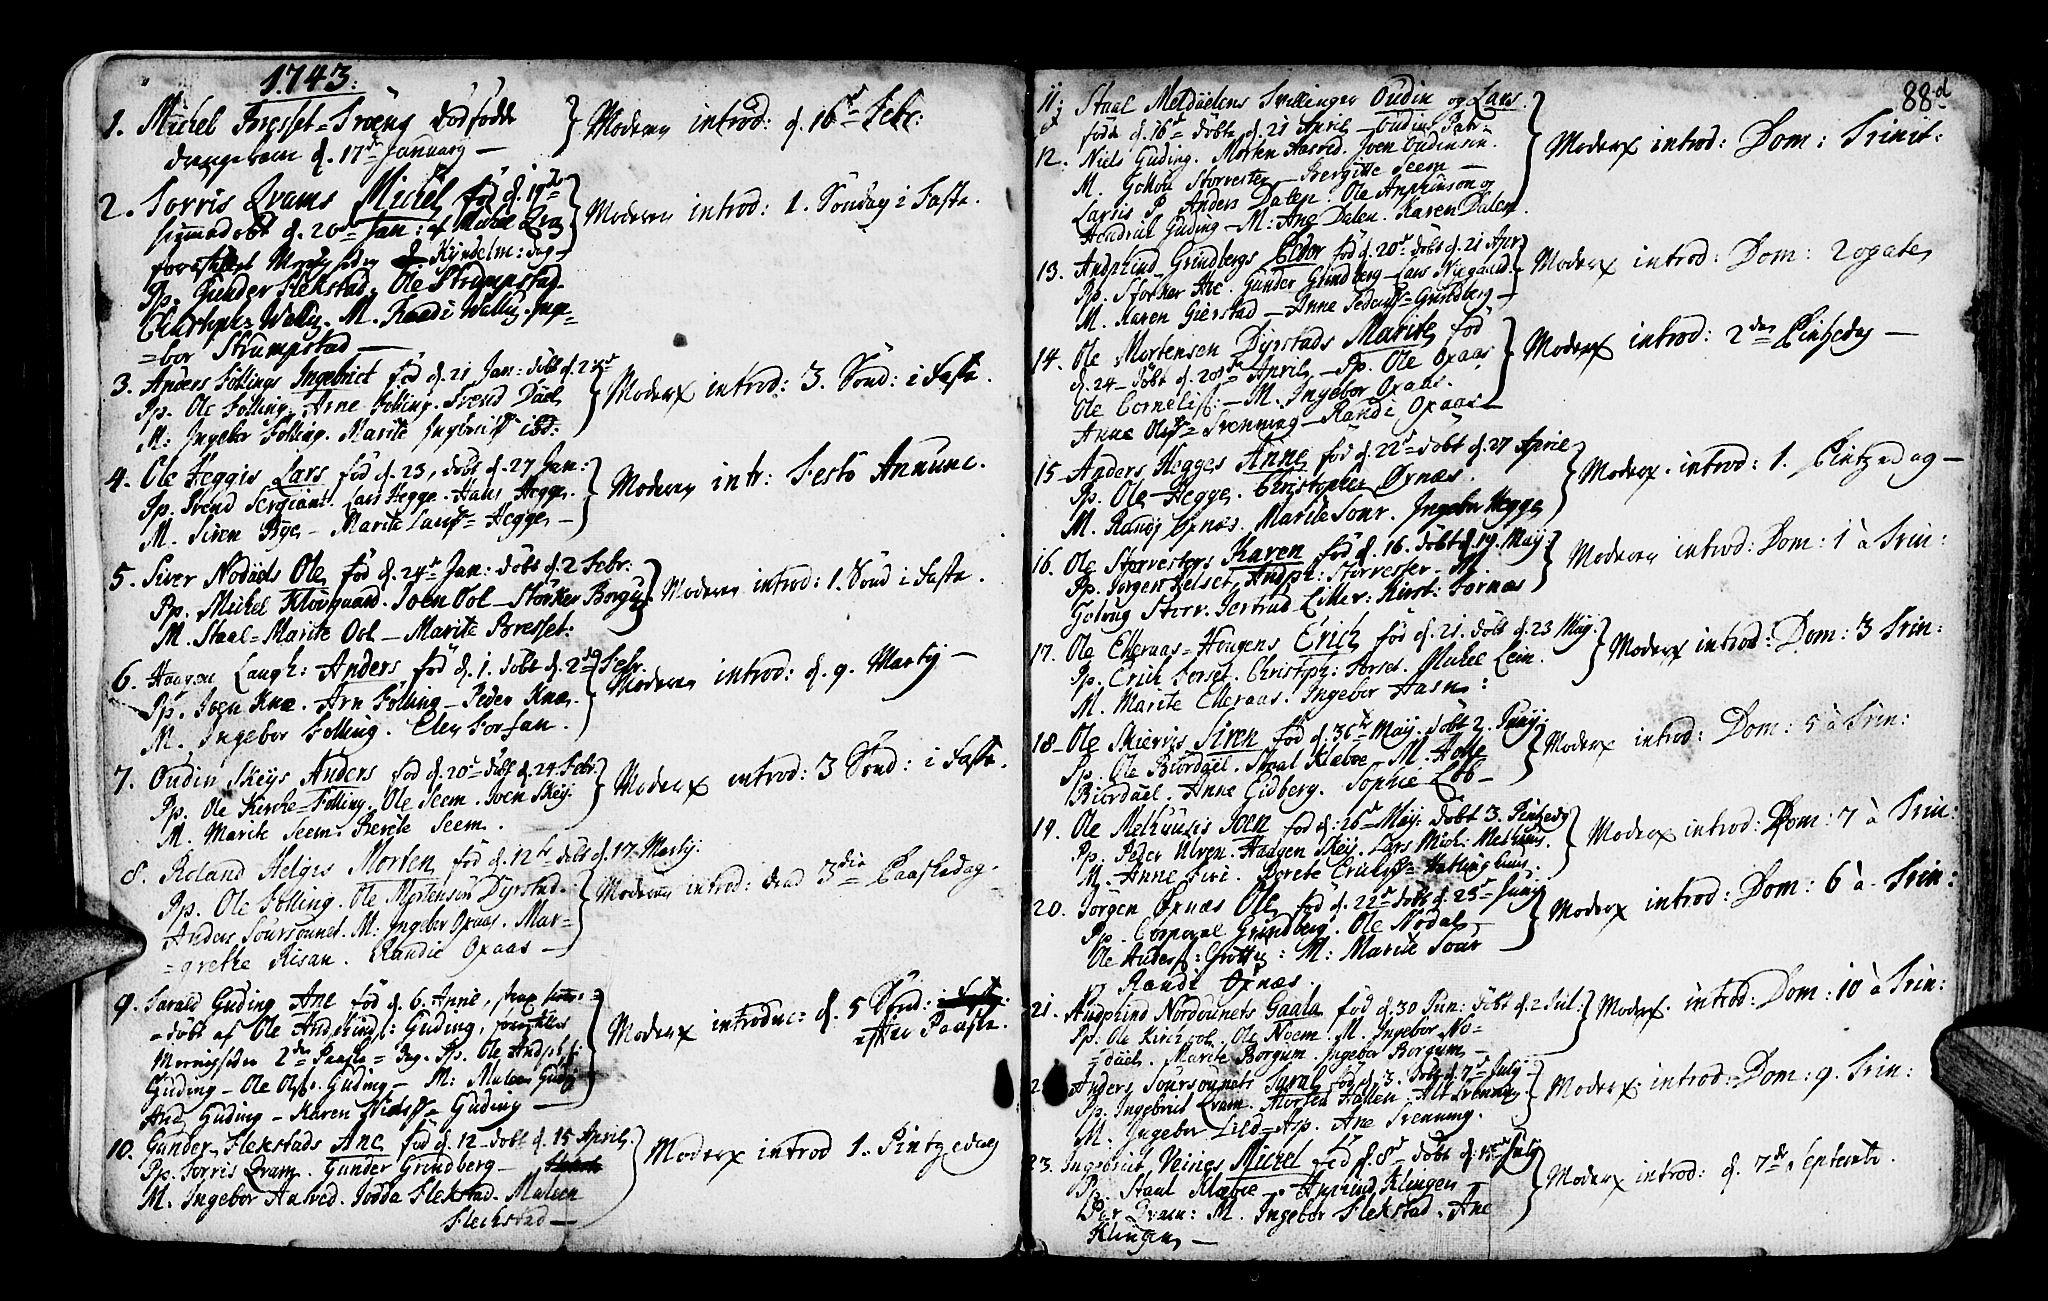 SAT, Ministerialprotokoller, klokkerbøker og fødselsregistre - Nord-Trøndelag, 746/L0439: Ministerialbok nr. 746A01, 1688-1759, s. 88e